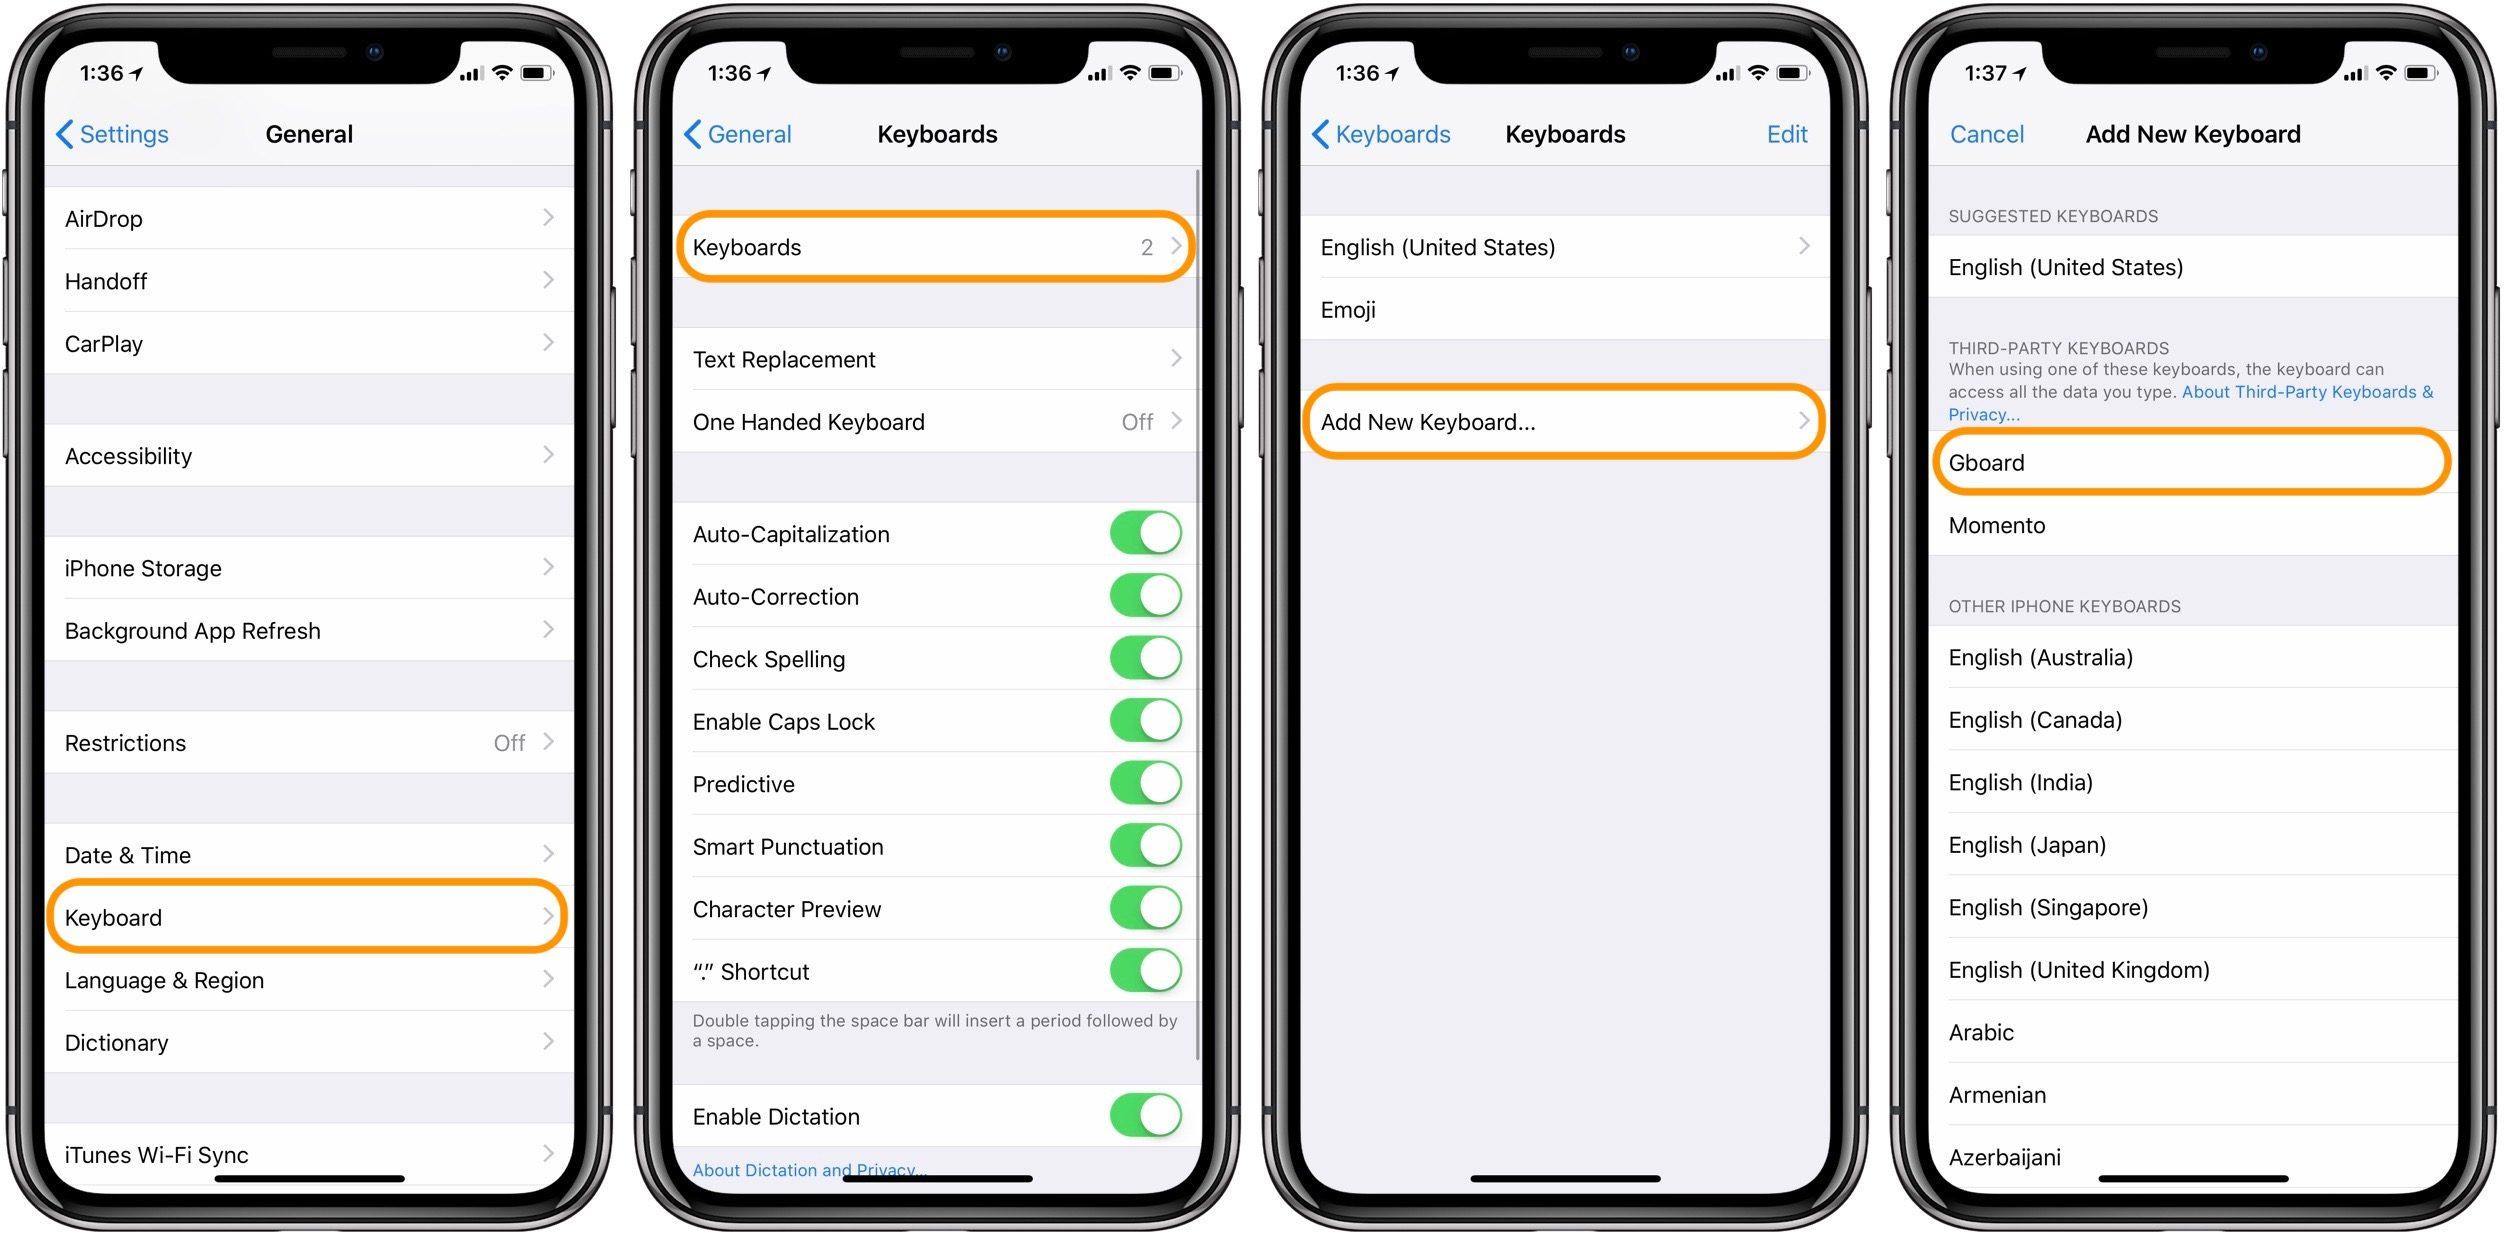 """<span href=""""https://9to5mac.com/2018/05/10/how-to-use-swipe-or-glide-typing-on-iphone/"""">Cómo el dedo o se deslizan a escribir en el iPhone</a>"""